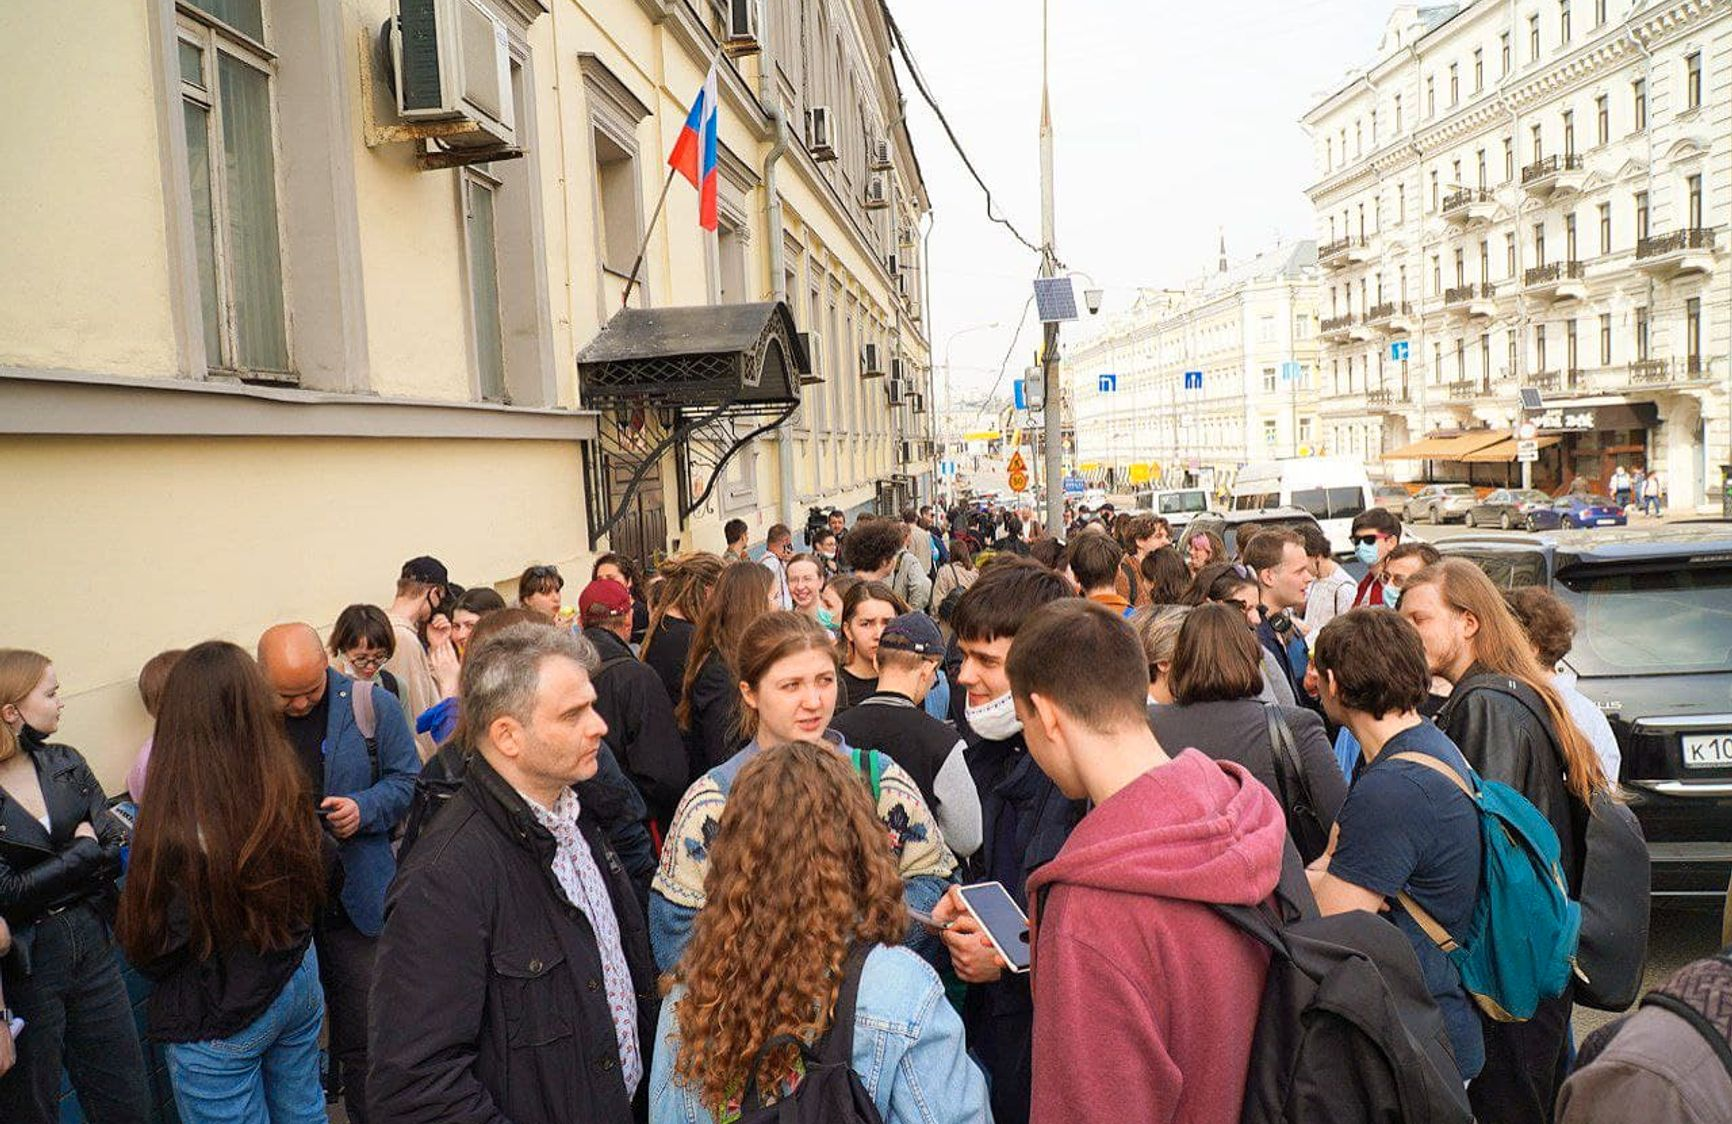 У суда собрались больше сотни сторонников DOXA